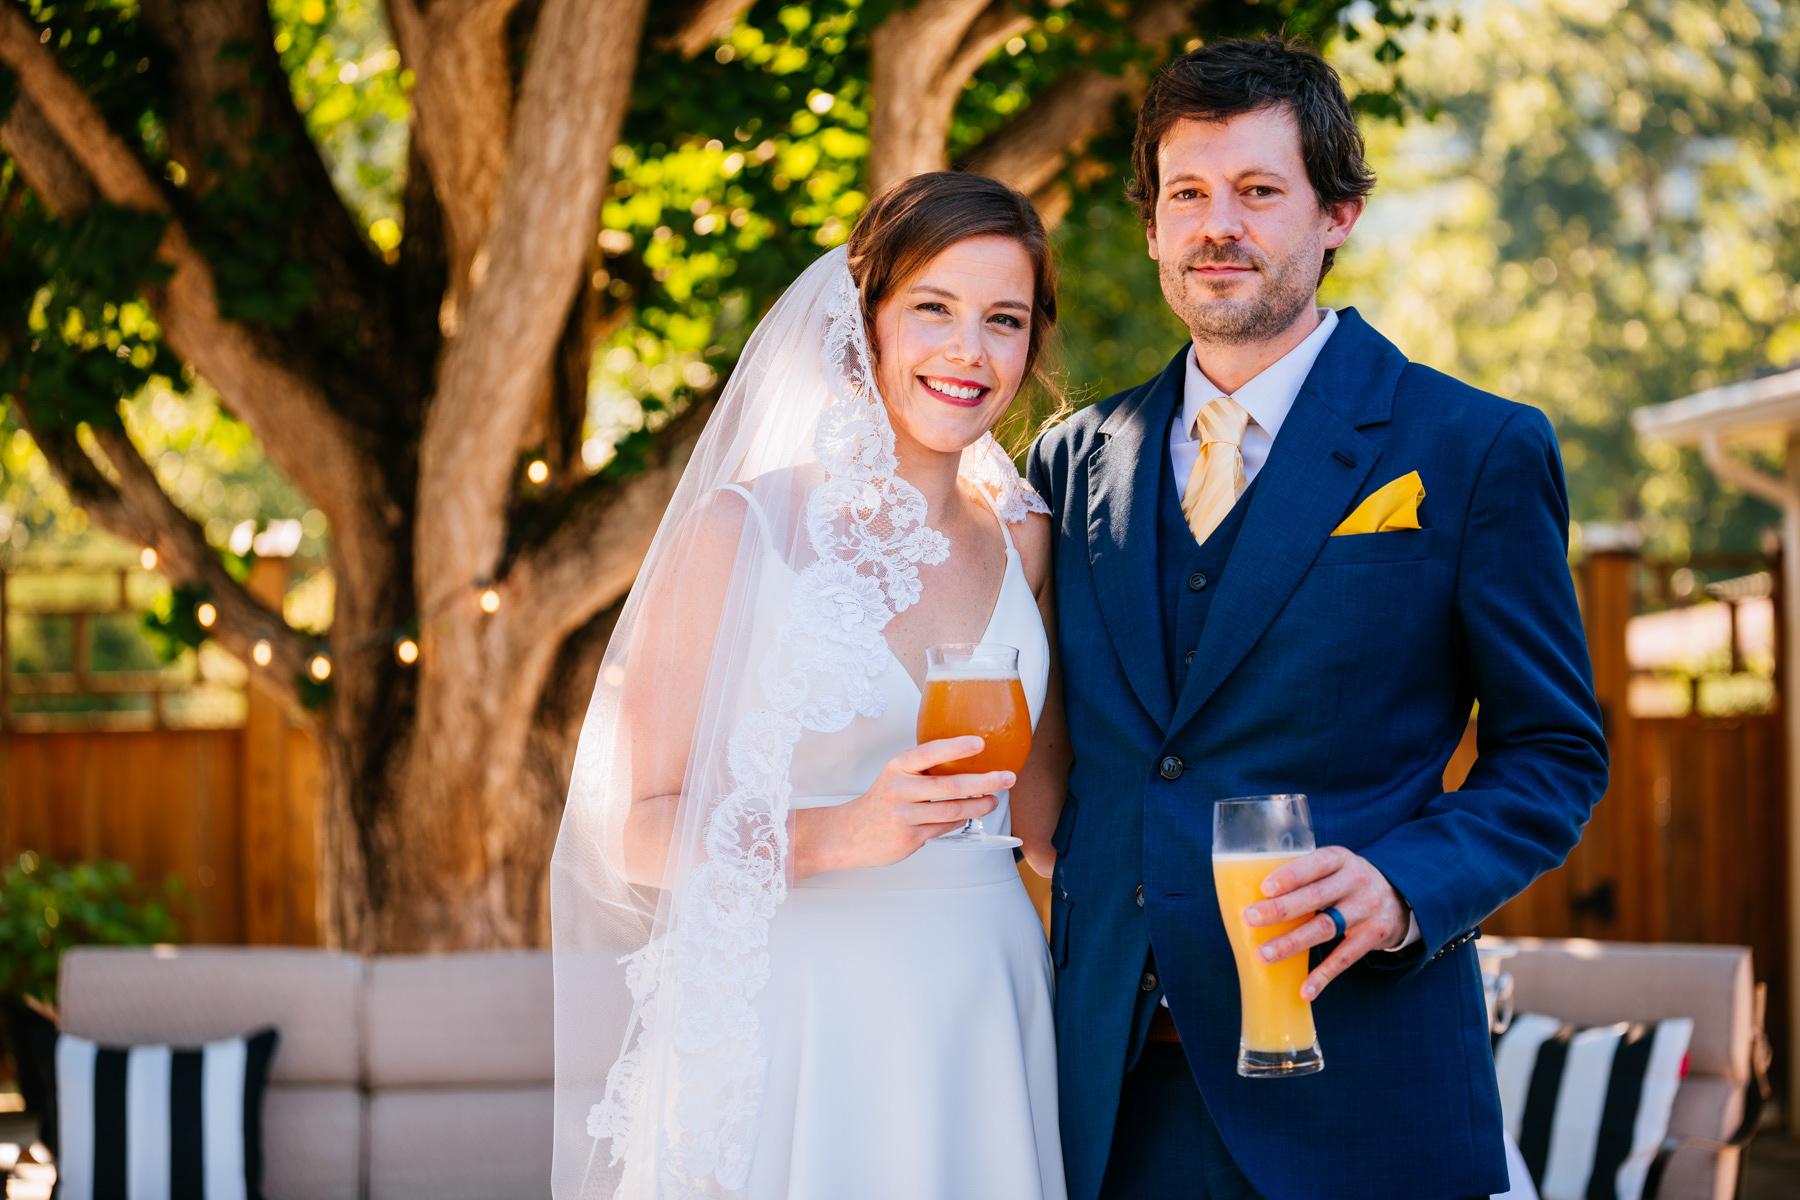 bride and groom toast beers